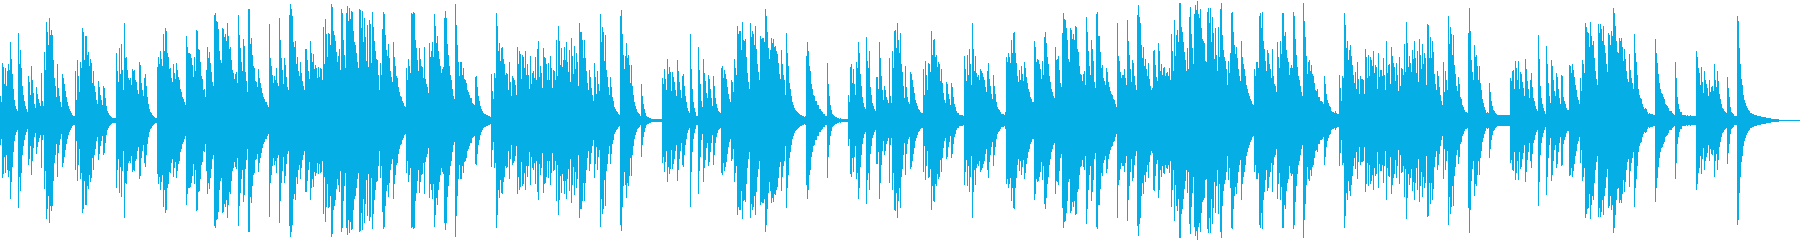 ゆったりした雰囲気のシンプルなチェレスタの再生済みの波形